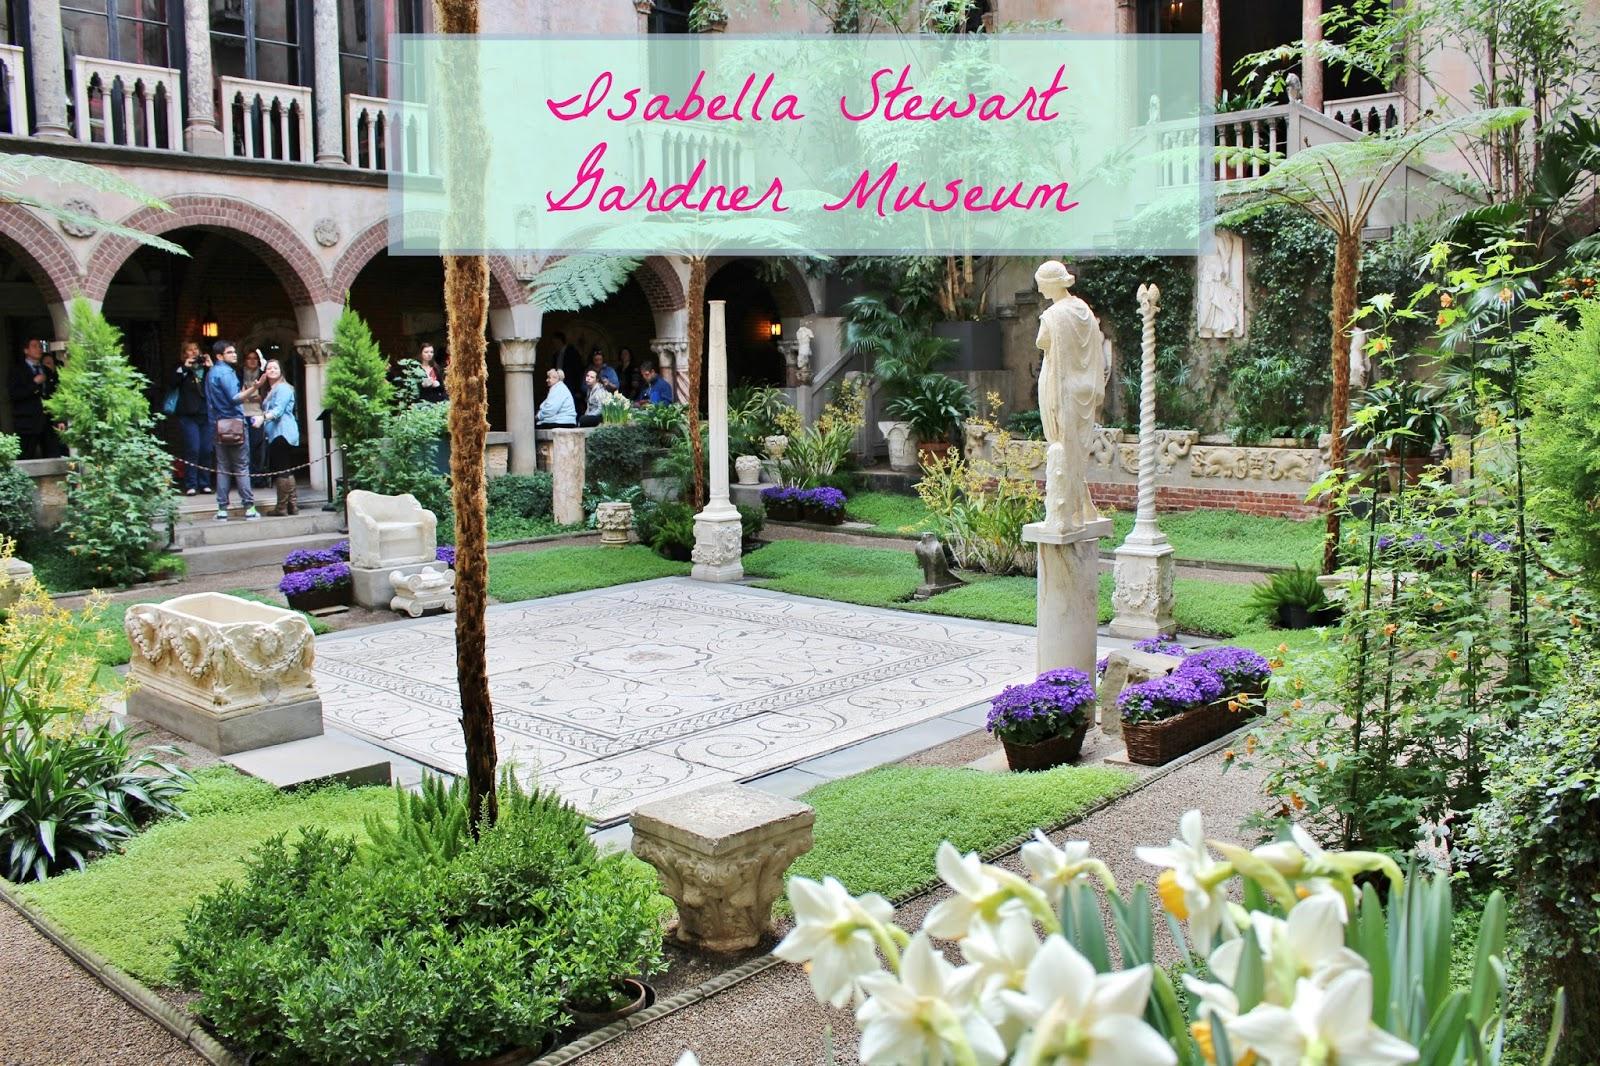 bijuleni - Isabella Gardner Museum Courtyard, Boston